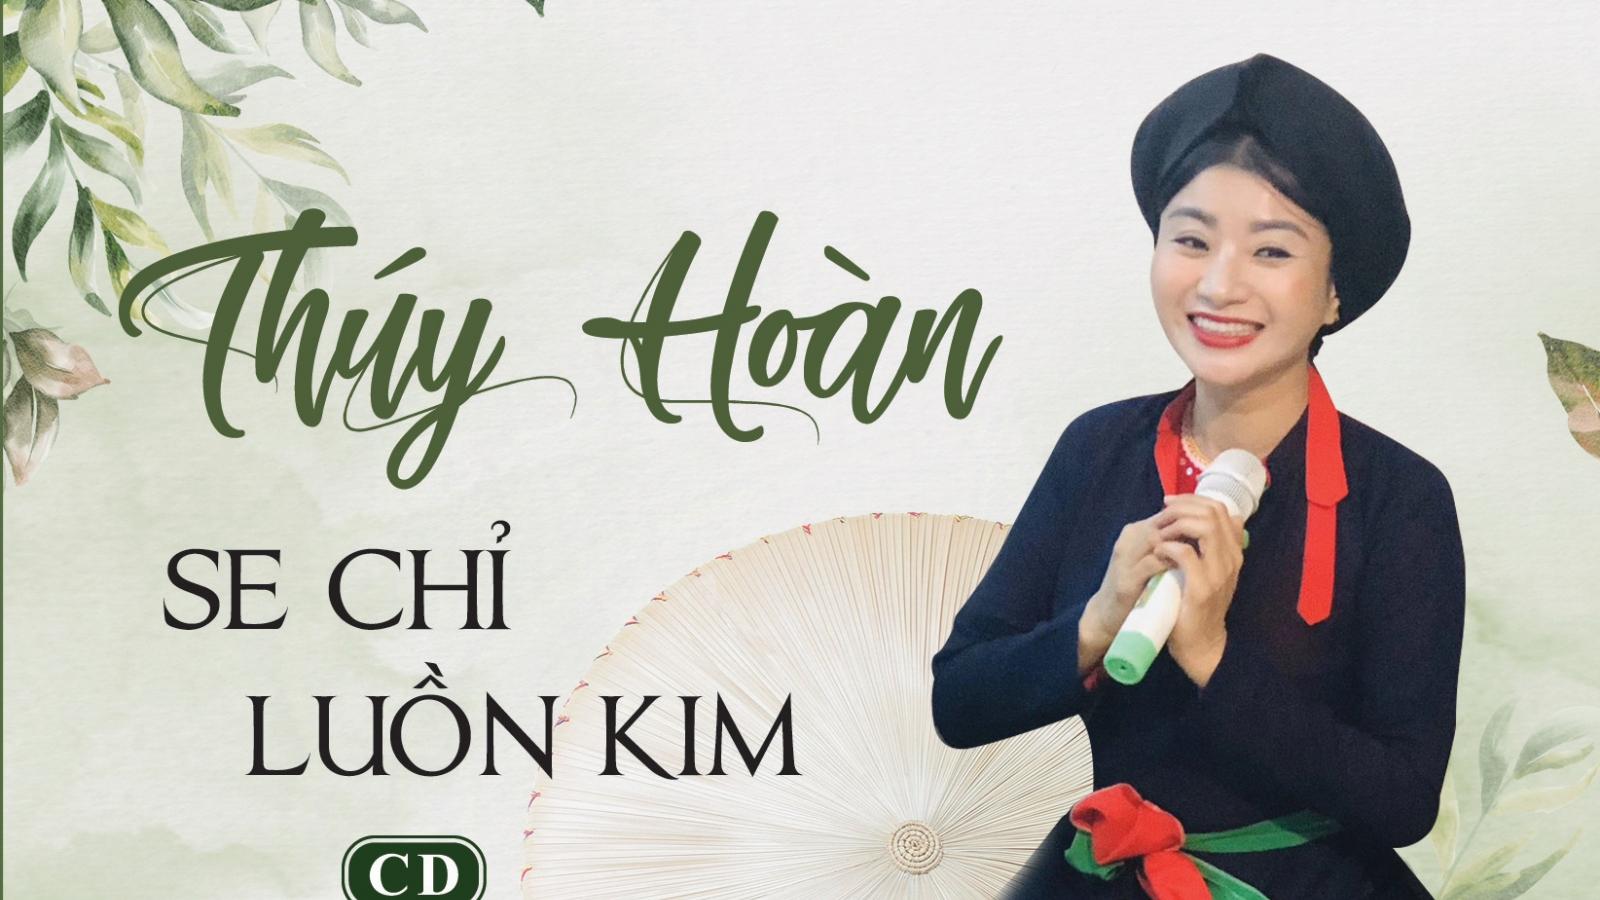 Ca nương Thuý Hoàn cùng chồng bán album, sách gây quỹ ủng hộ miền Trung